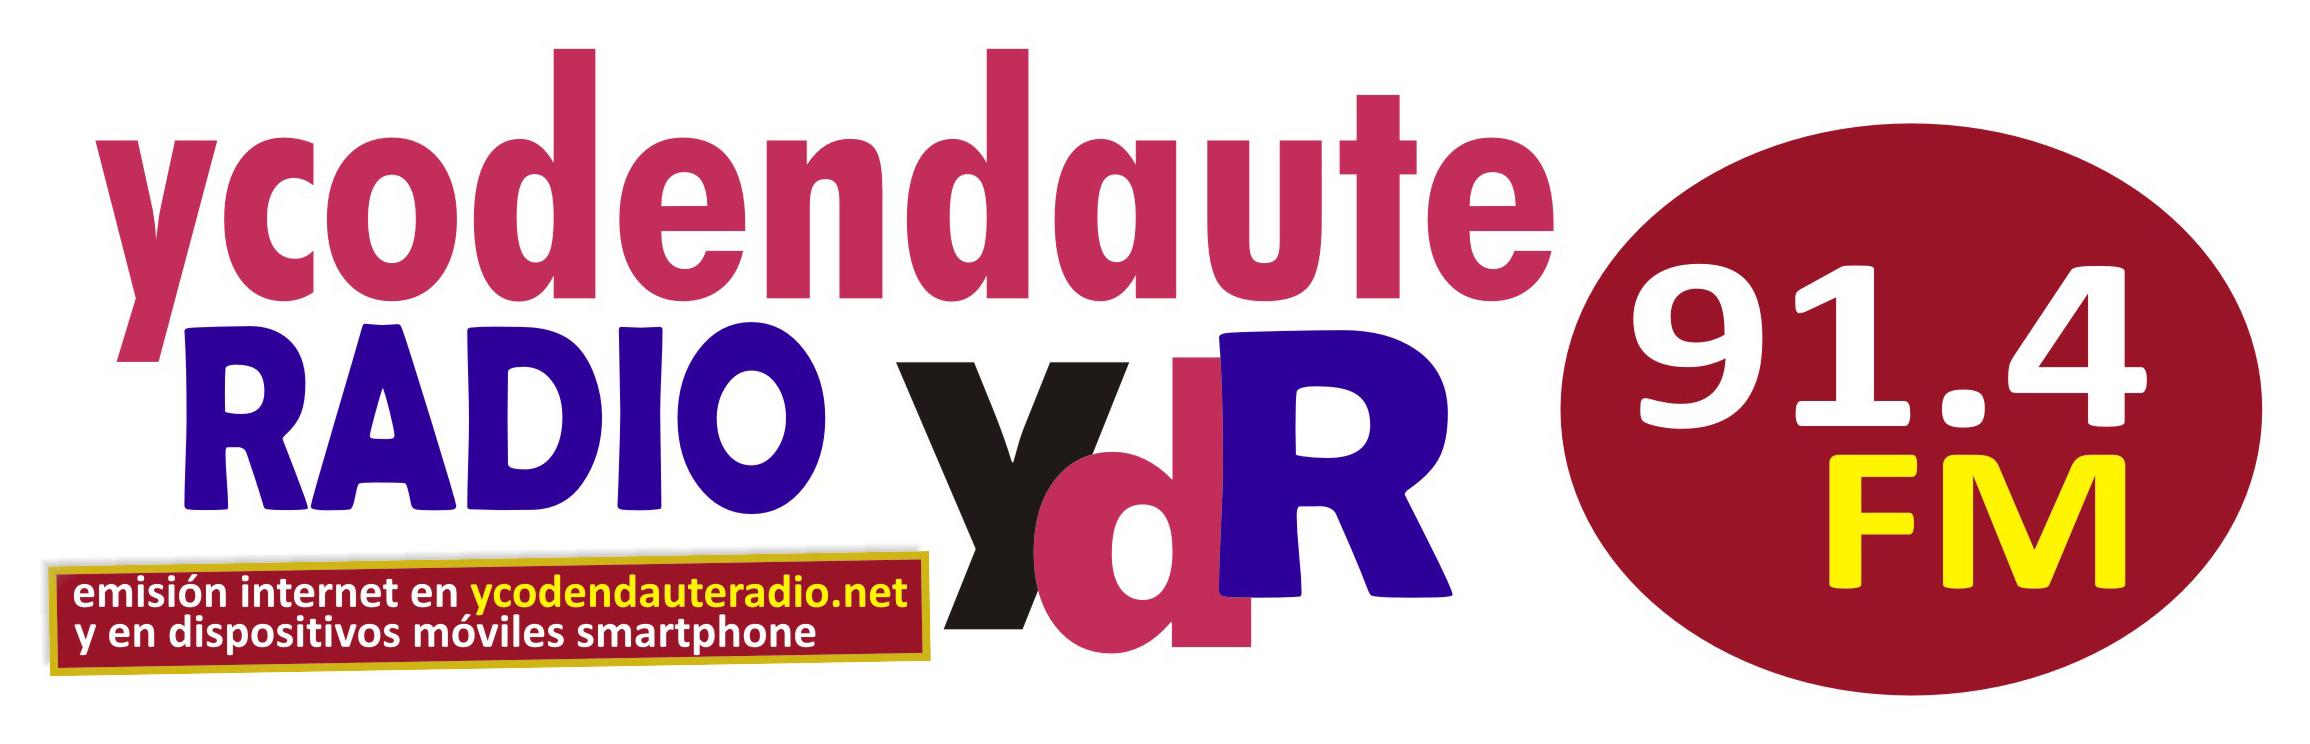 Resultado de imagen de logo ycoden daute radio